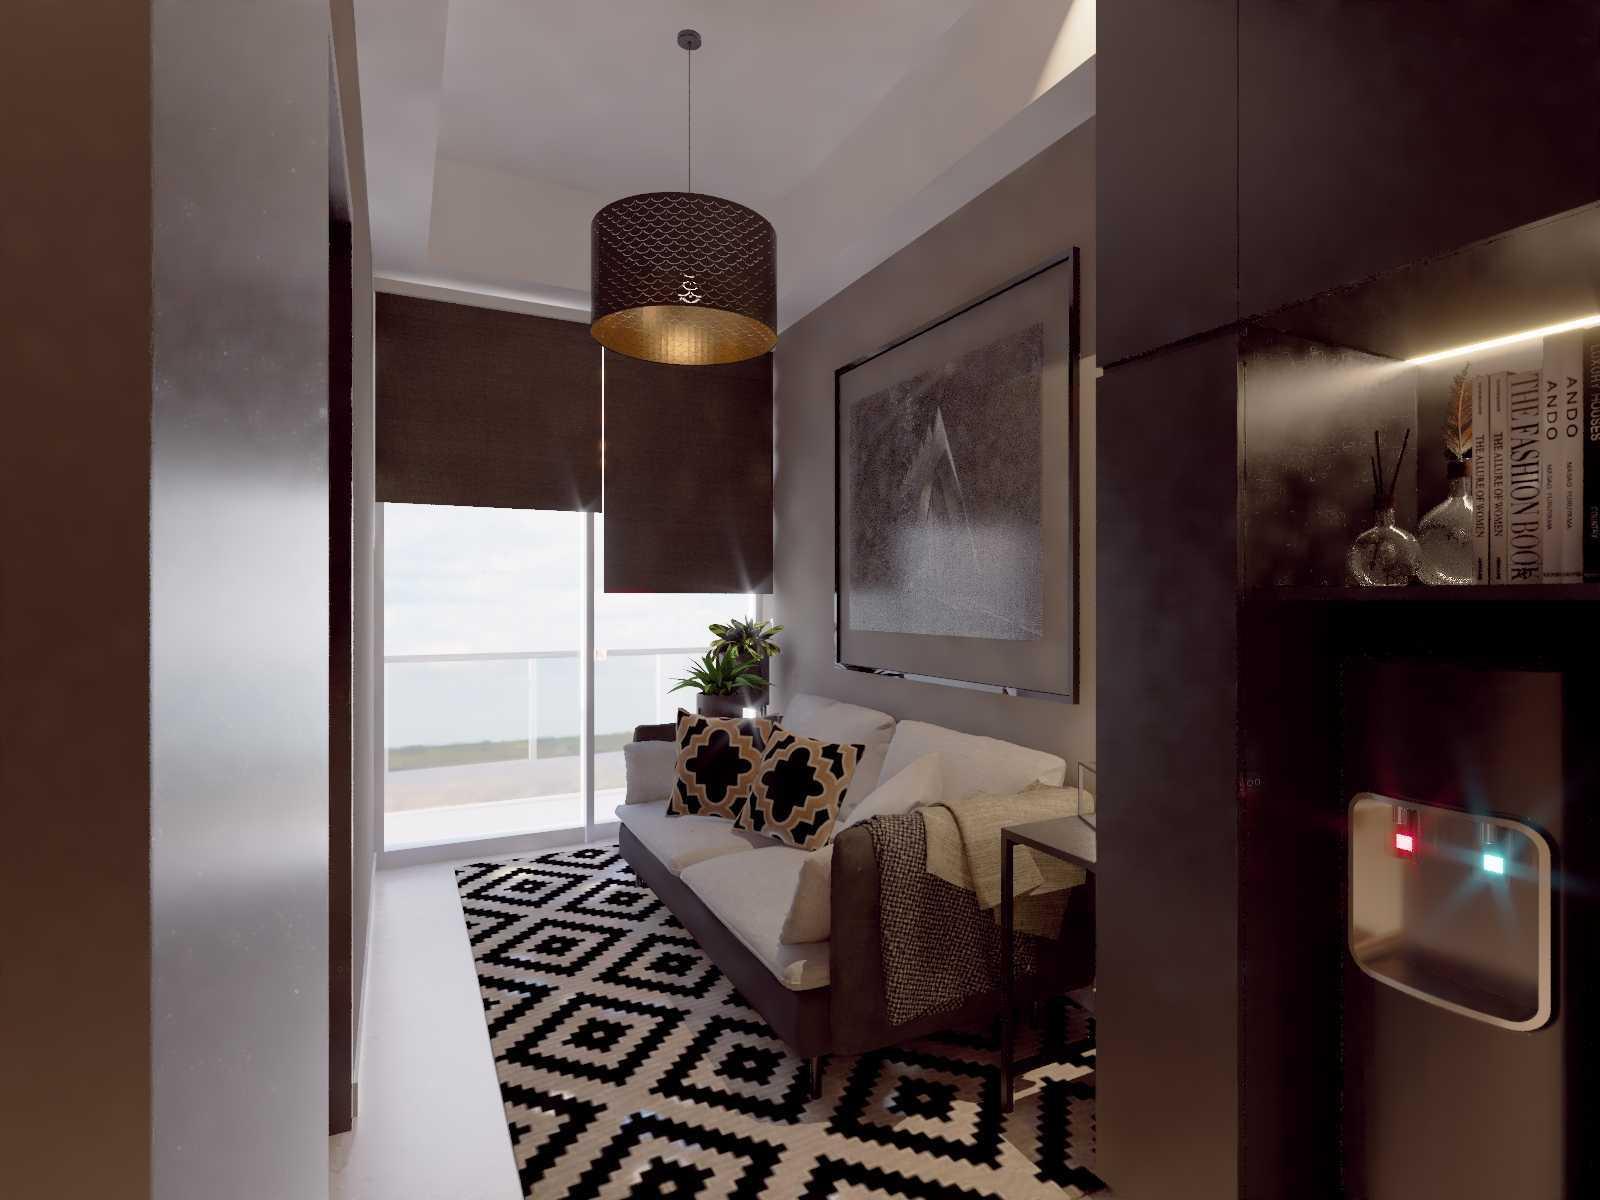 Savala Associate W+L 1 Apartment Jakarta, Daerah Khusus Ibukota Jakarta, Indonesia Jakarta, Daerah Khusus Ibukota Jakarta, Indonesia Savala-Associate-Wl-1-Apartment  116689